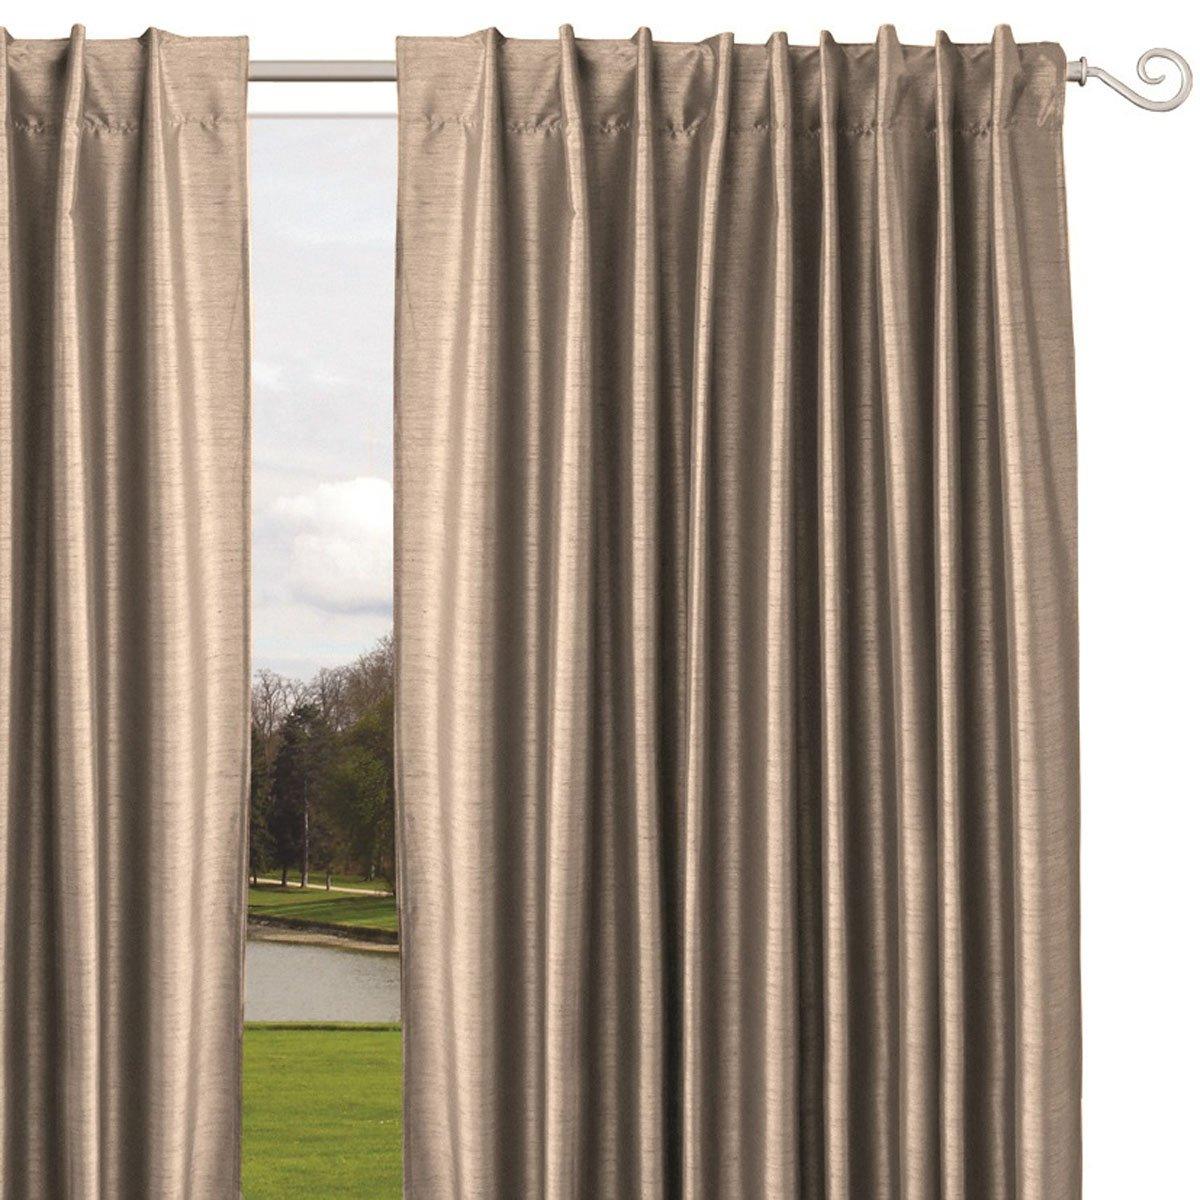 home nature cortina satin beige - Cortinas Beige